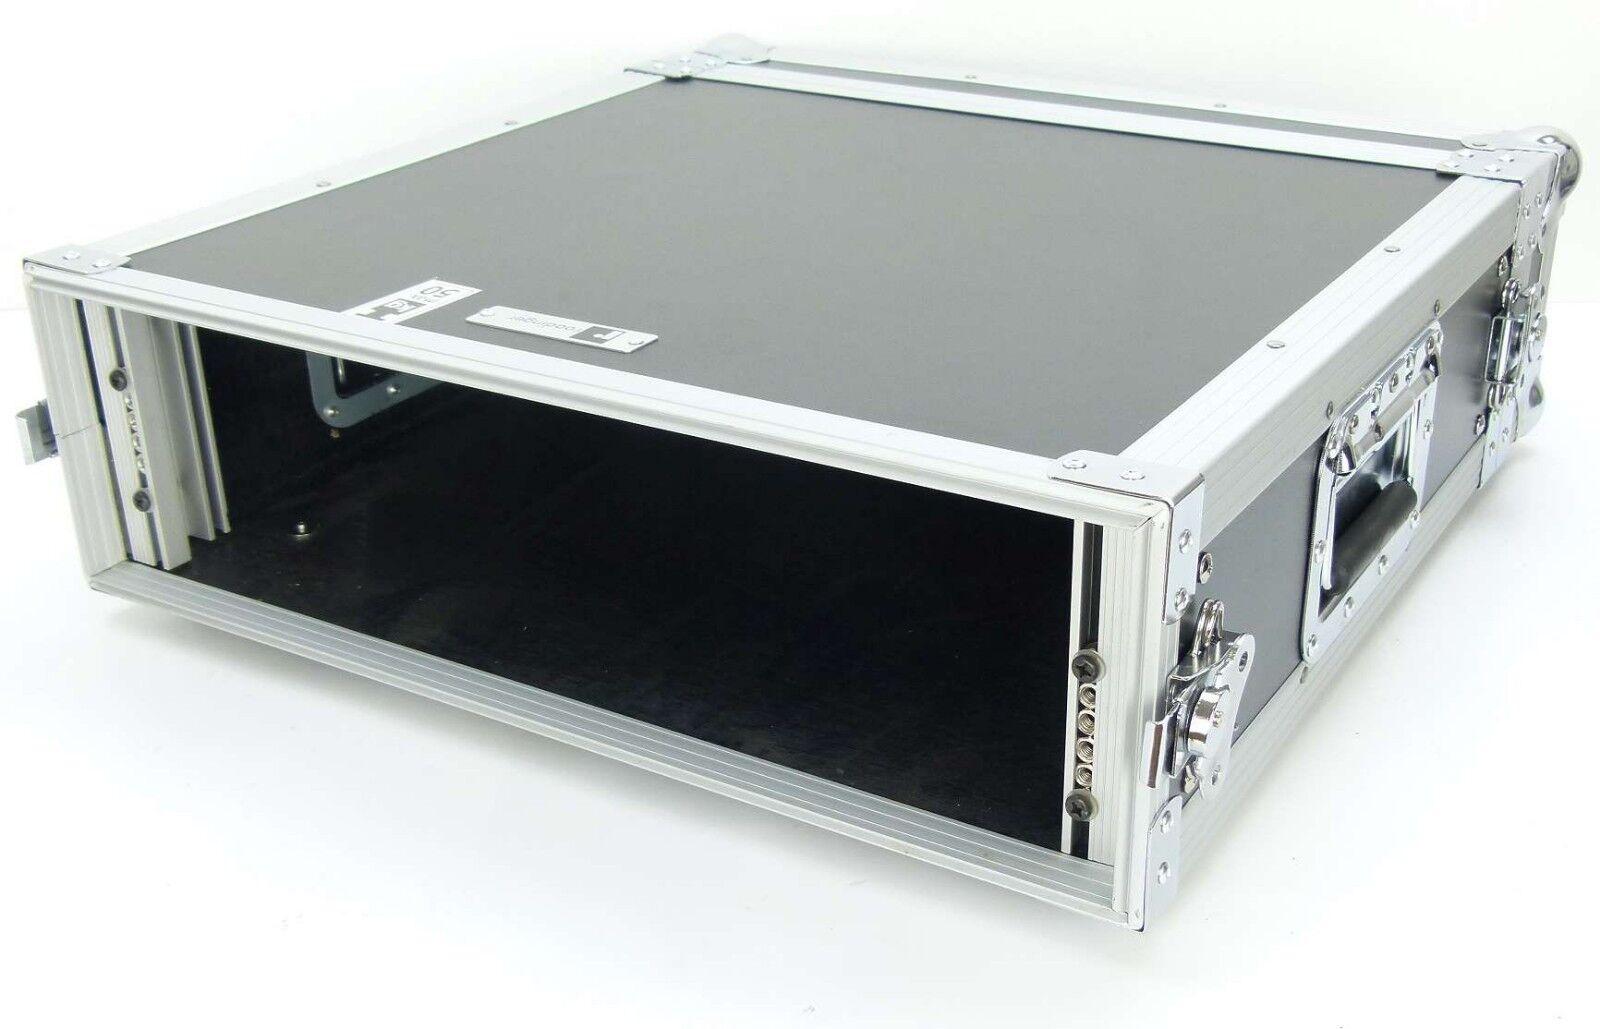 19  3 HE Verstärkerrack 47 cm tief Serverrack Endstufenrack Amprack Case Rack